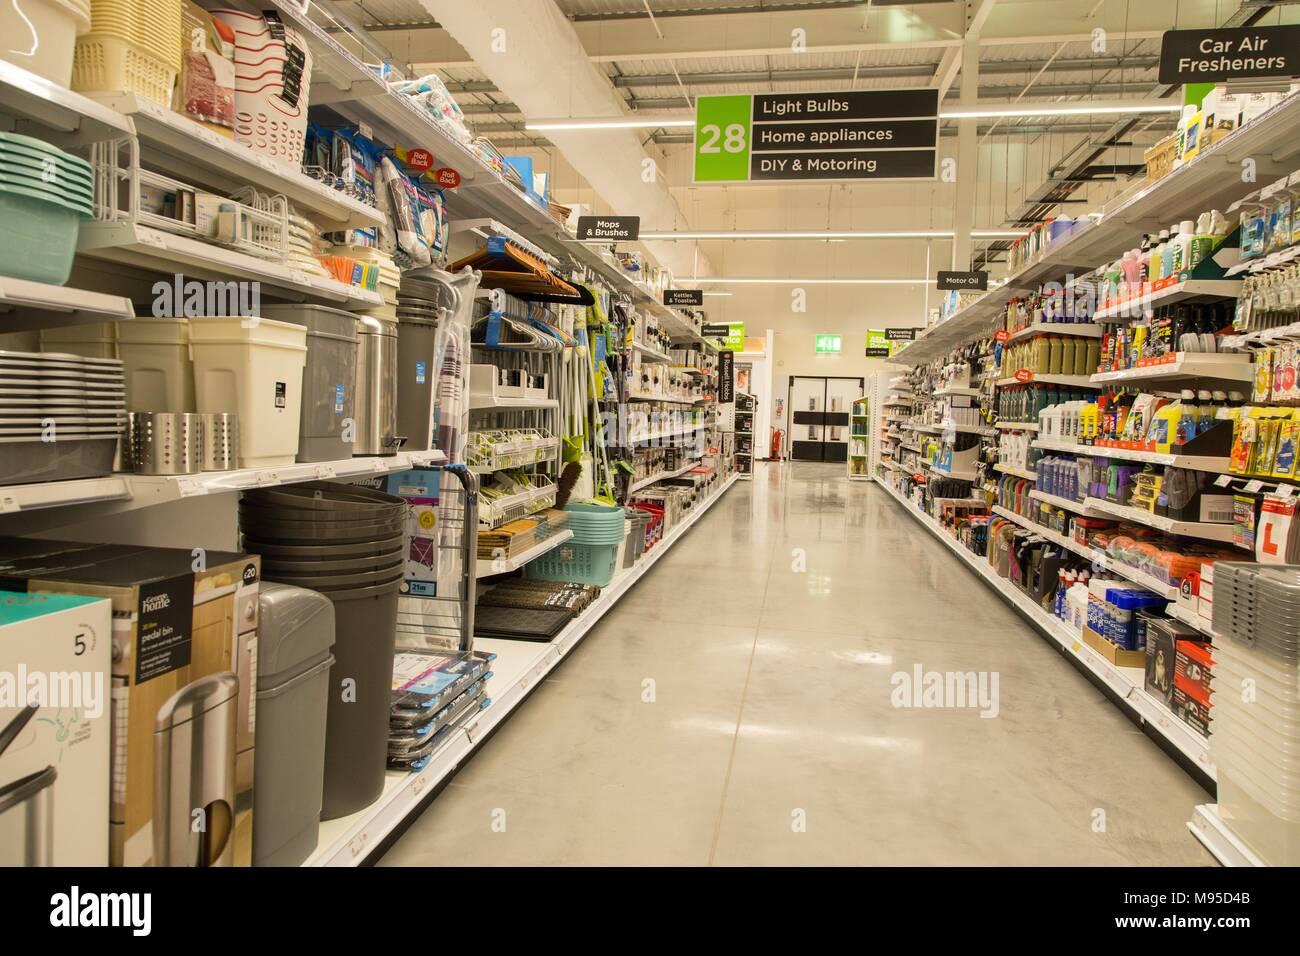 Light bulbs, diy,motoring,home appliances for sale on full shelves in an Asda supermarket. - Stock Image